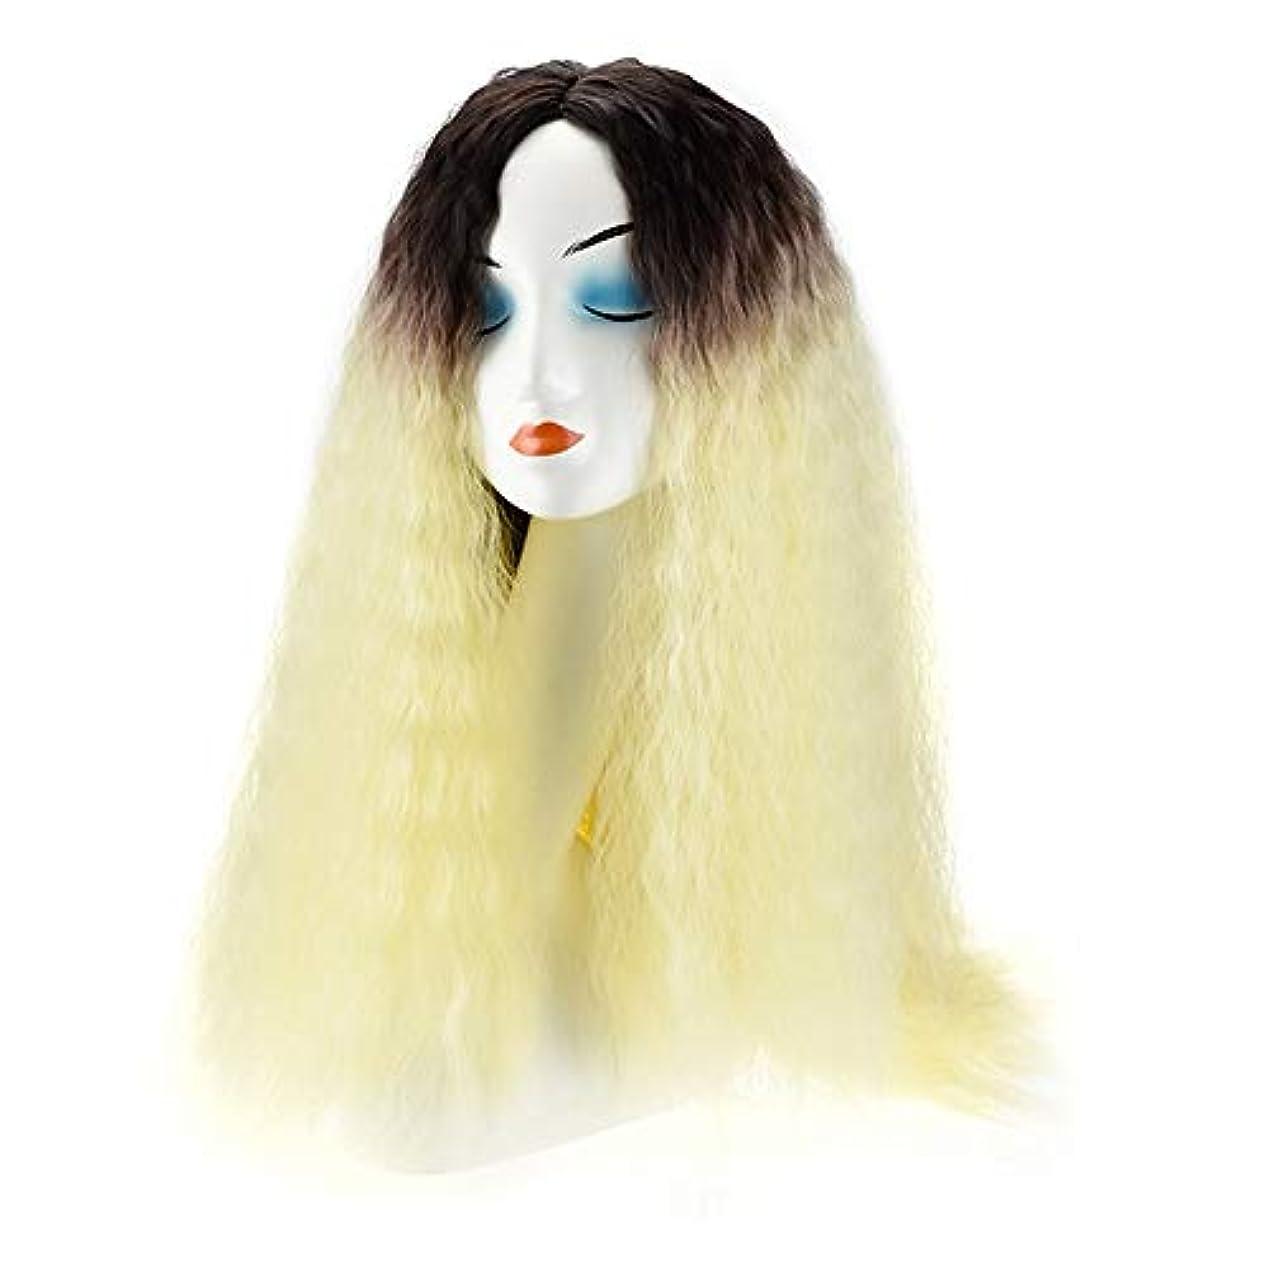 傀儡財政アマチュアWASAIO スタイル交換繊維合成ビッグウェーブロングヘア用20インチブロンド変態ストレートコーンホットウィッグファッションアクセサリー (色 : Blonde)